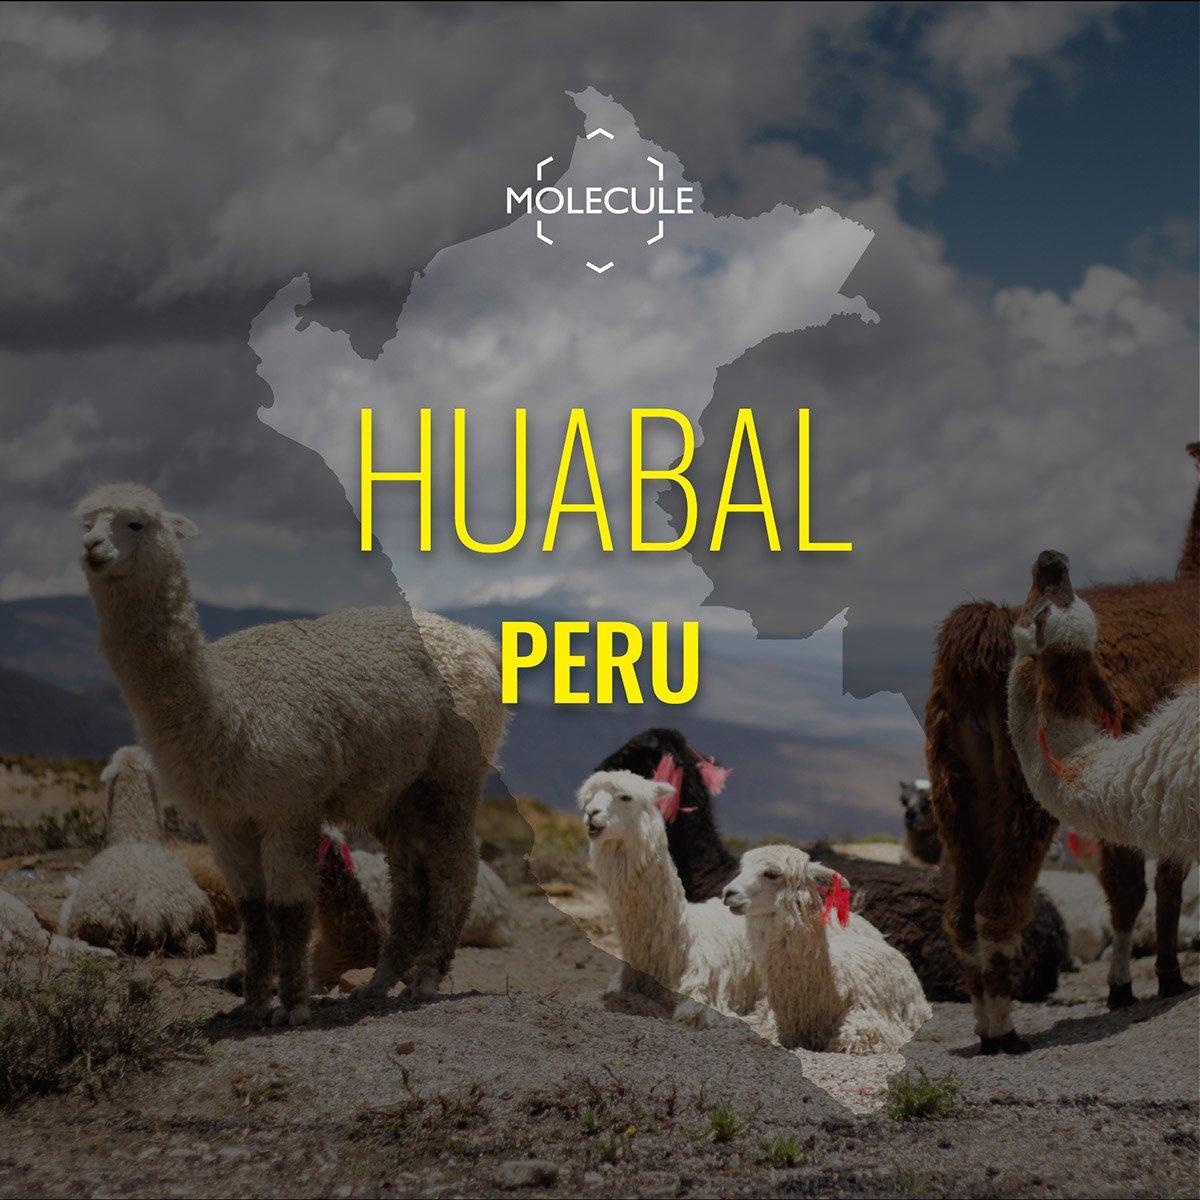 Huabal